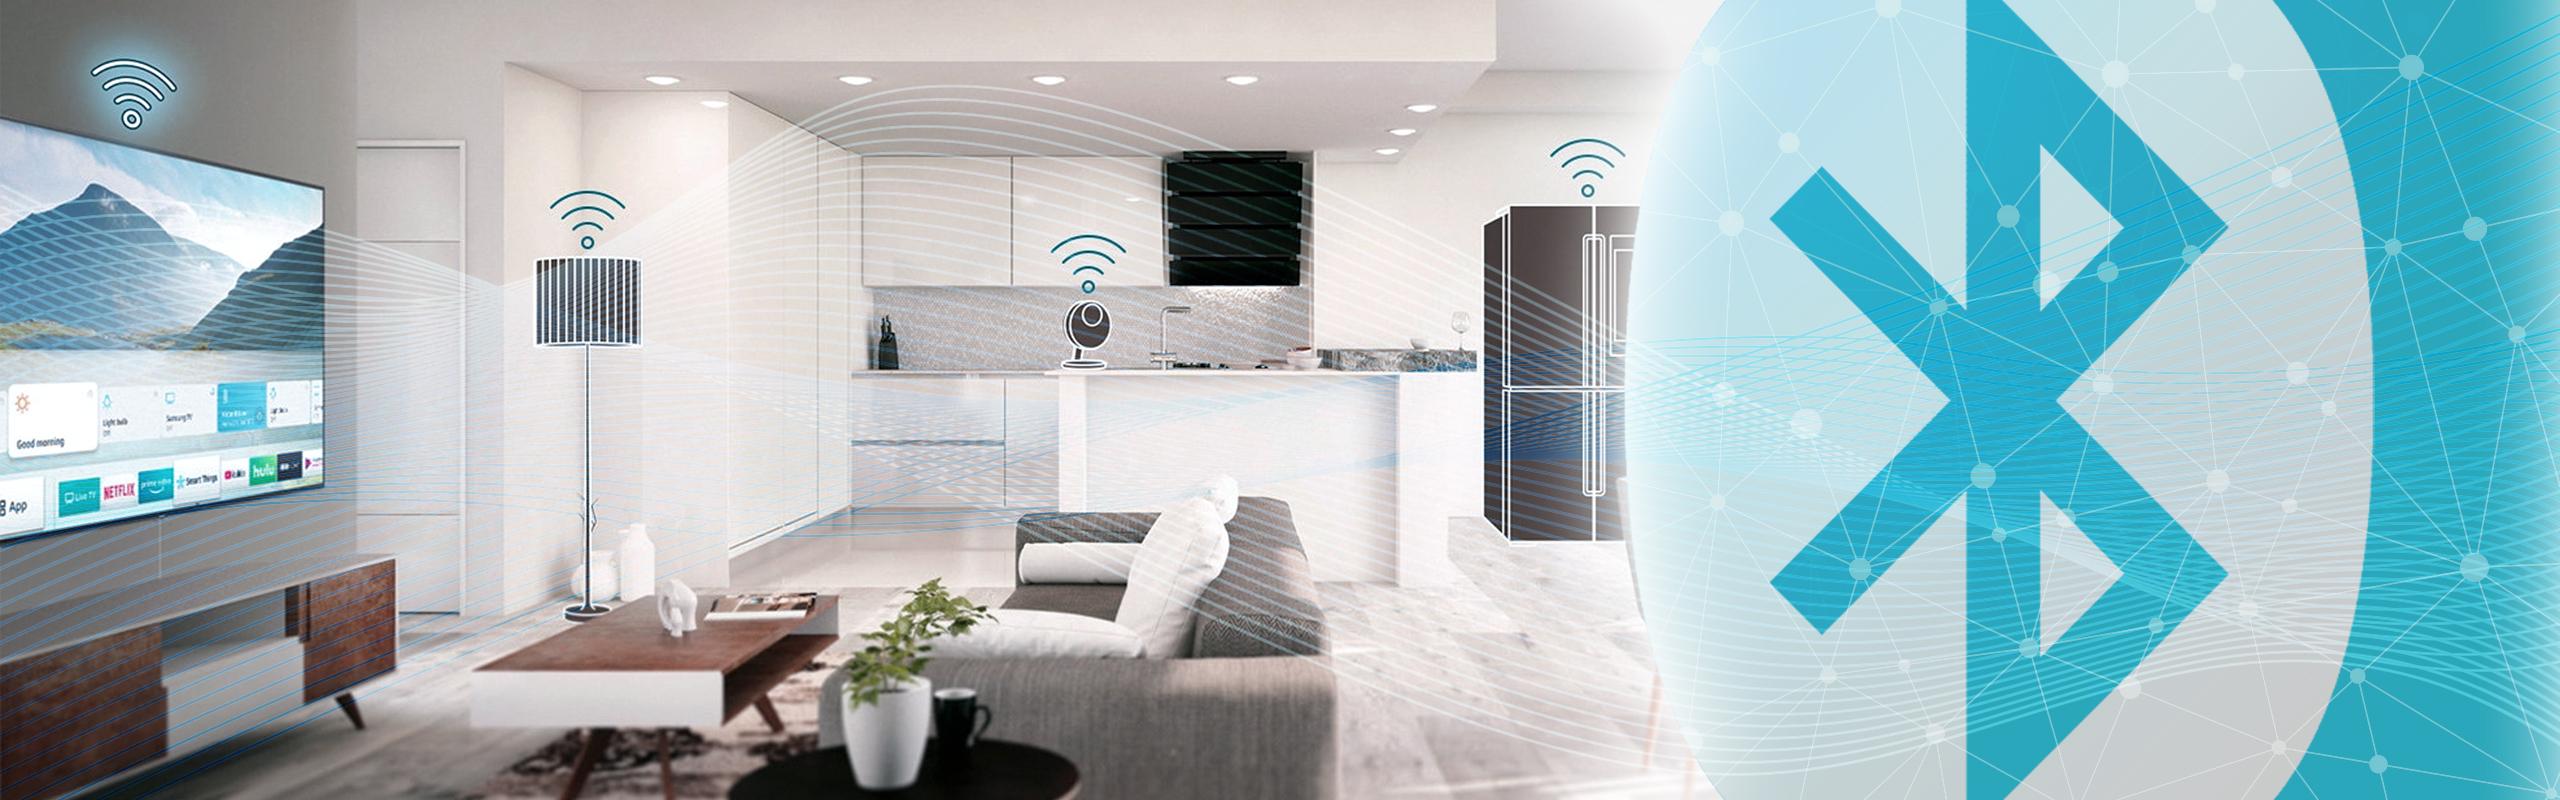 Bluetooth Low Energy voor domotica - Zelf aan de slag en conclusie - Achtergrond - Tweakers